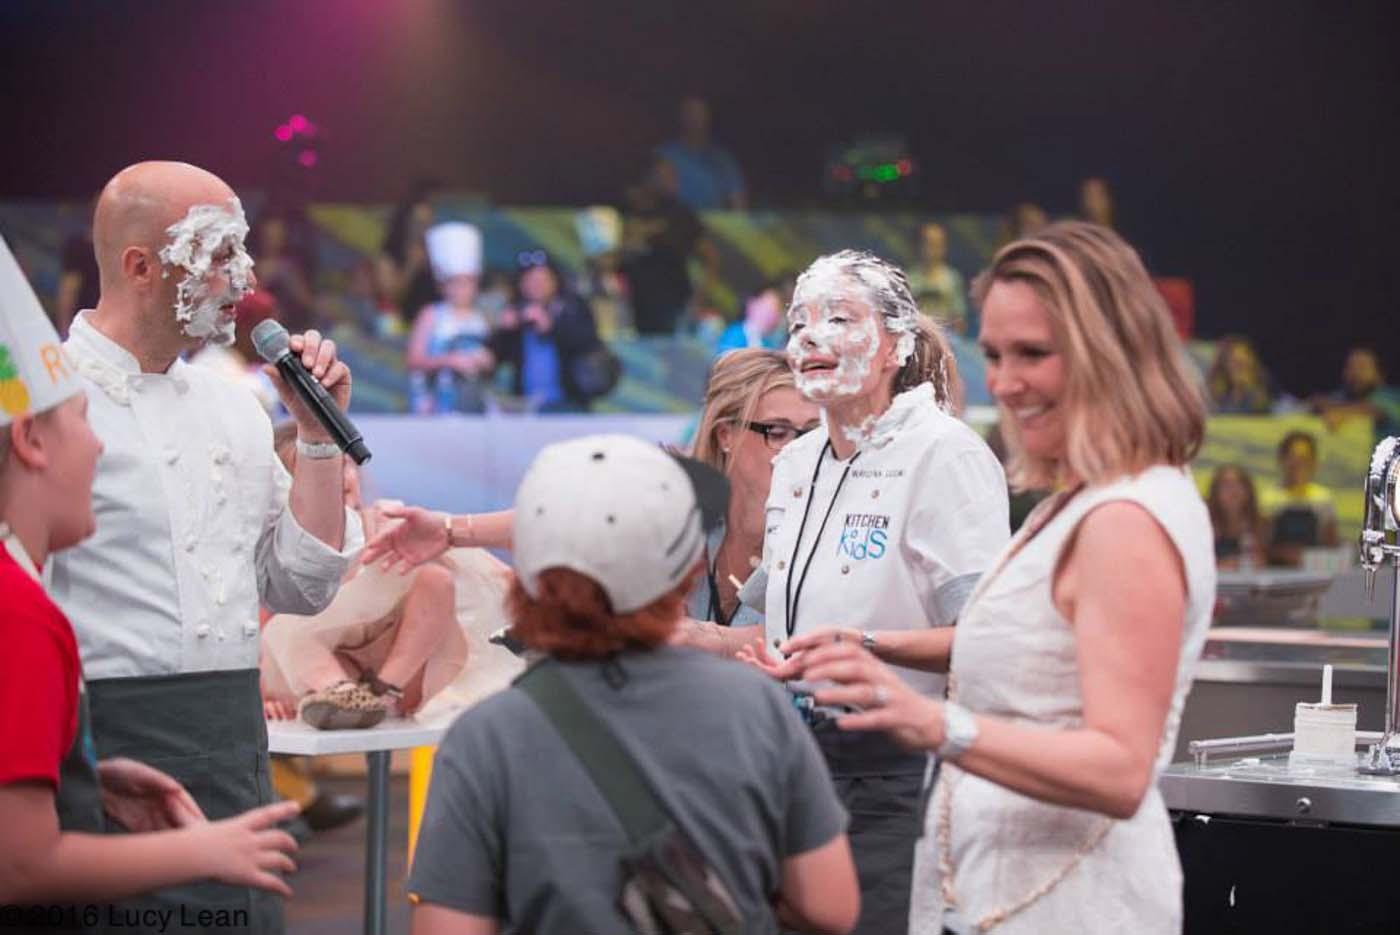 Pi Day Pie All-Star Chef Classic Lucy Lean, Waylynn Lucas, Joe Bastianich